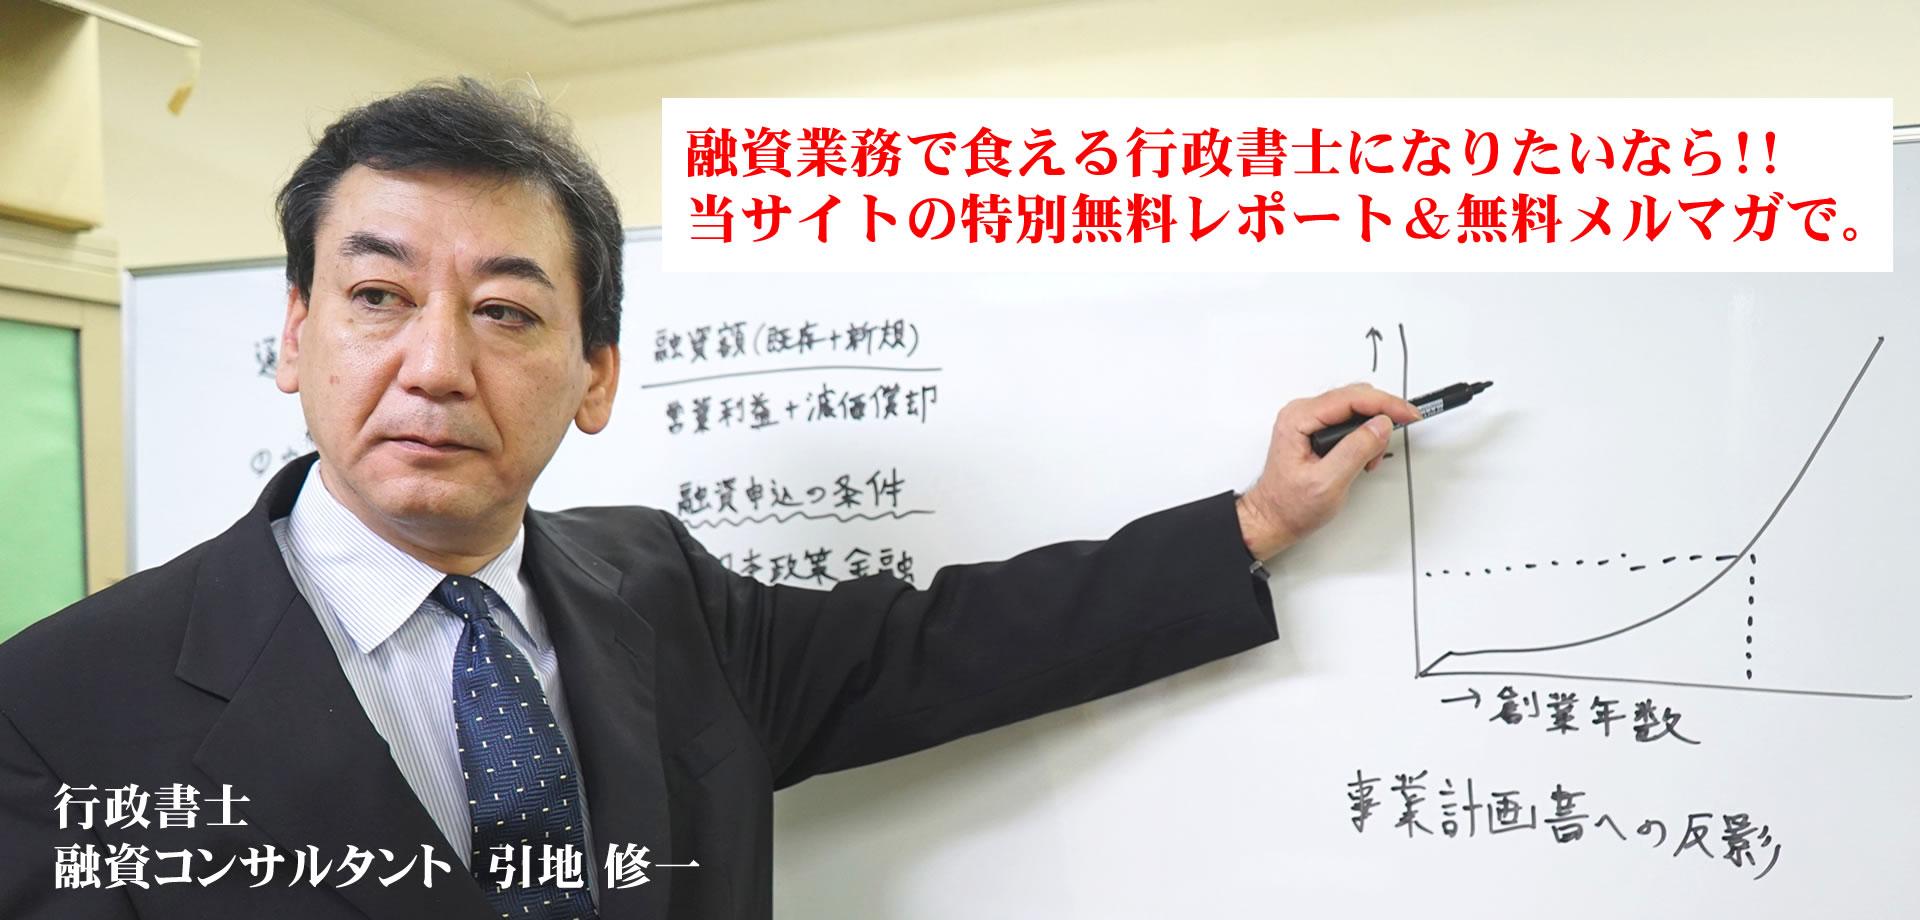 行政書士 融資コンサルタント 引地 修一_pc